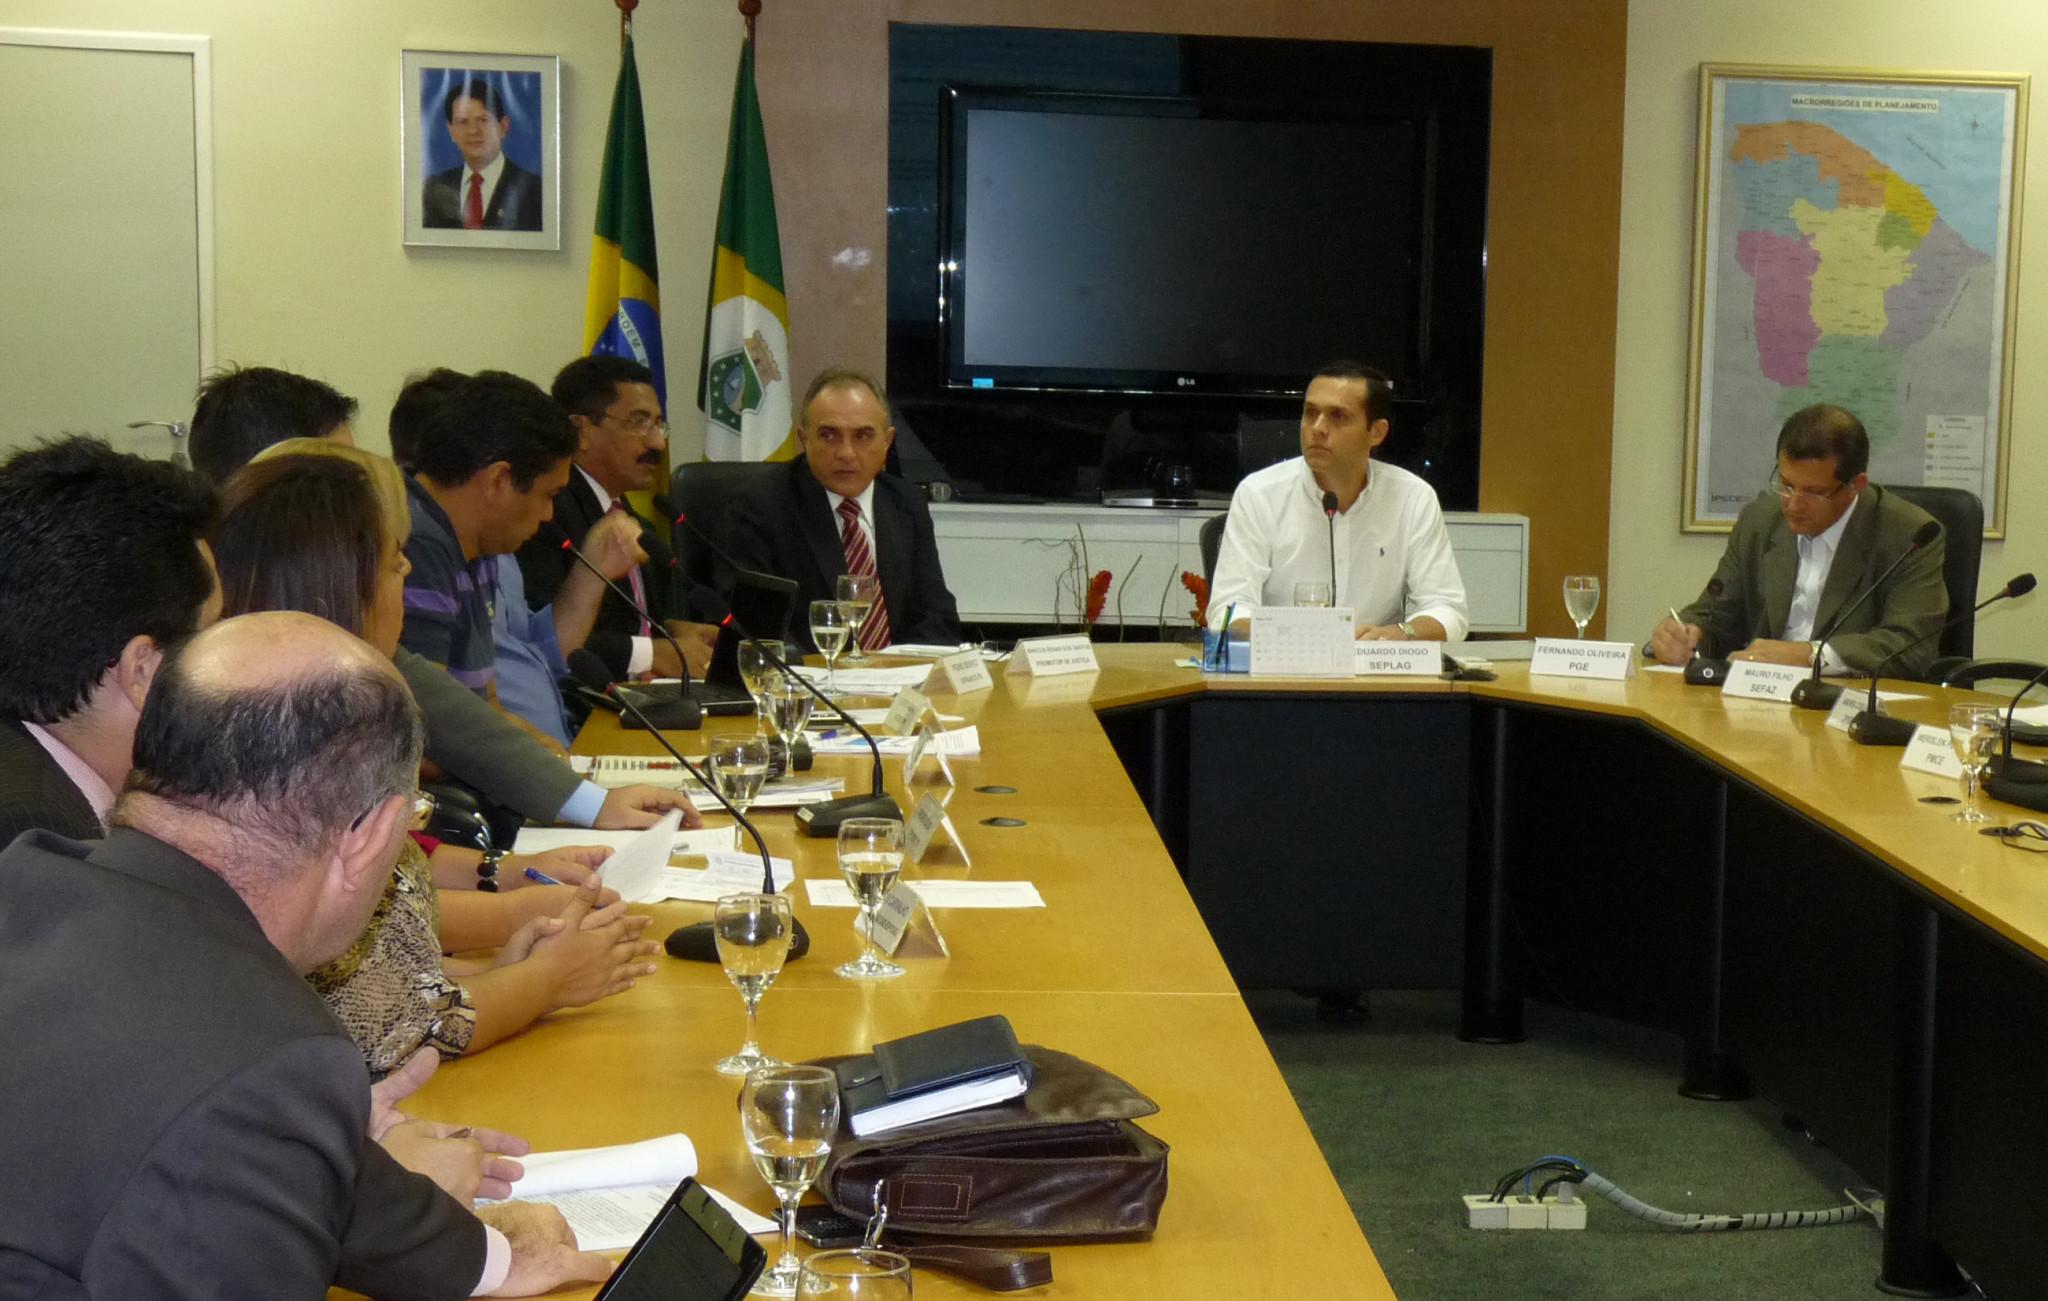 18-04-2012 - 3° Reunião Paritária - PM - Sala de Reunião (27)